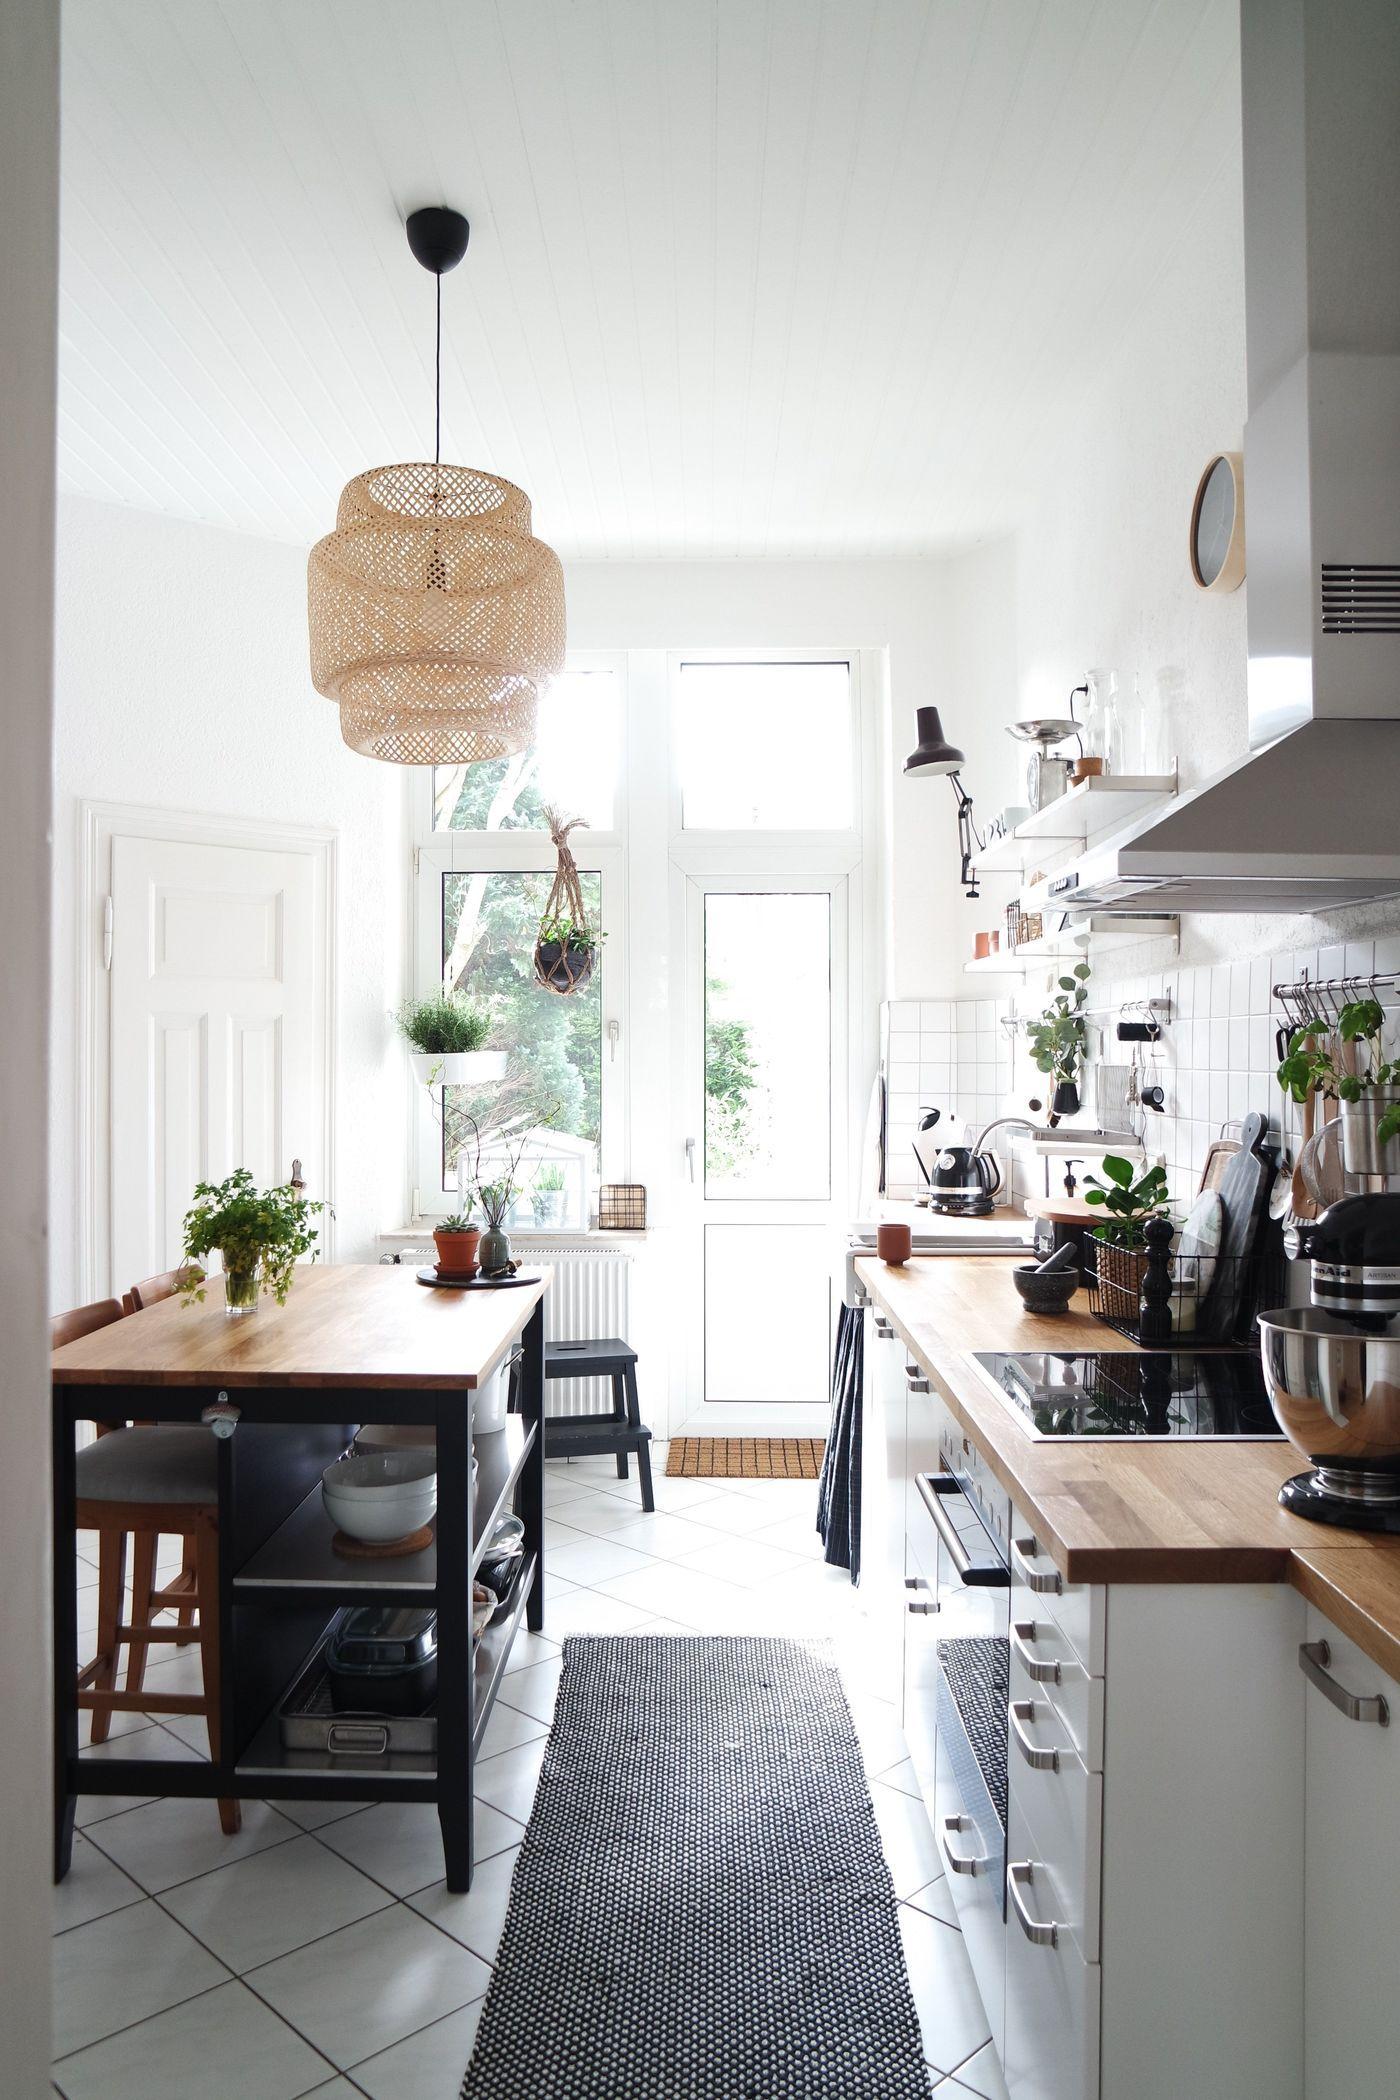 Küchen Deko | Küchen Deko Selber Machen Youtube Avec Küche Dekorieren